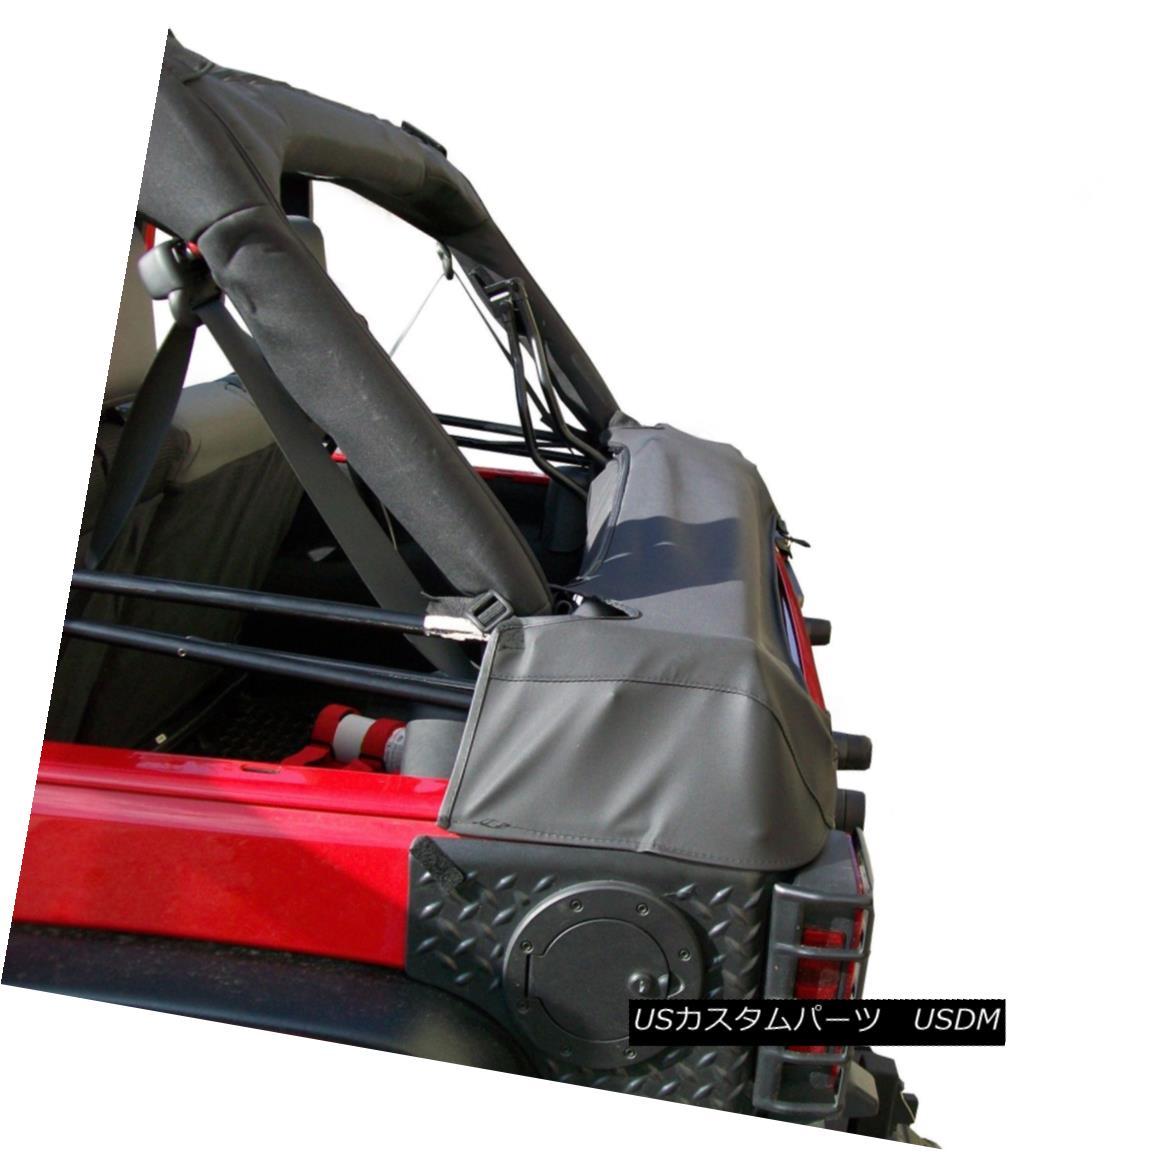 幌・ソフトトップ Outland 391210450 Soft Top Storage Boot Fits 07-18 Wrangler (JK) Outland 391210450ソフトトップストレージブーツ07-18 Wrangler(JK)